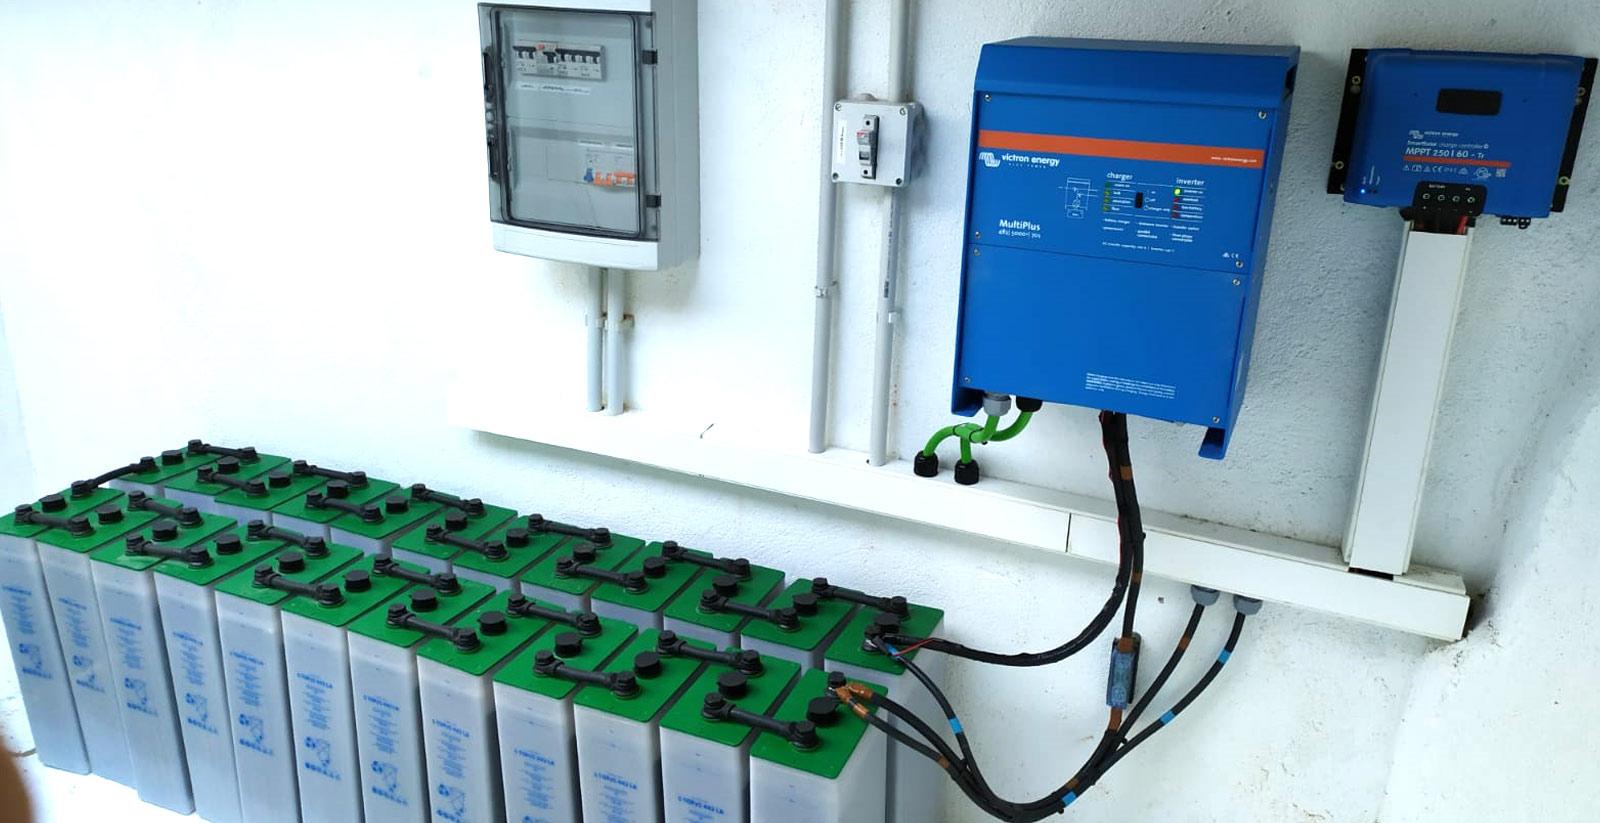 Instalador placas solares, autoconsumo aislada autosuficiente con baterías de plomo en Valladolid